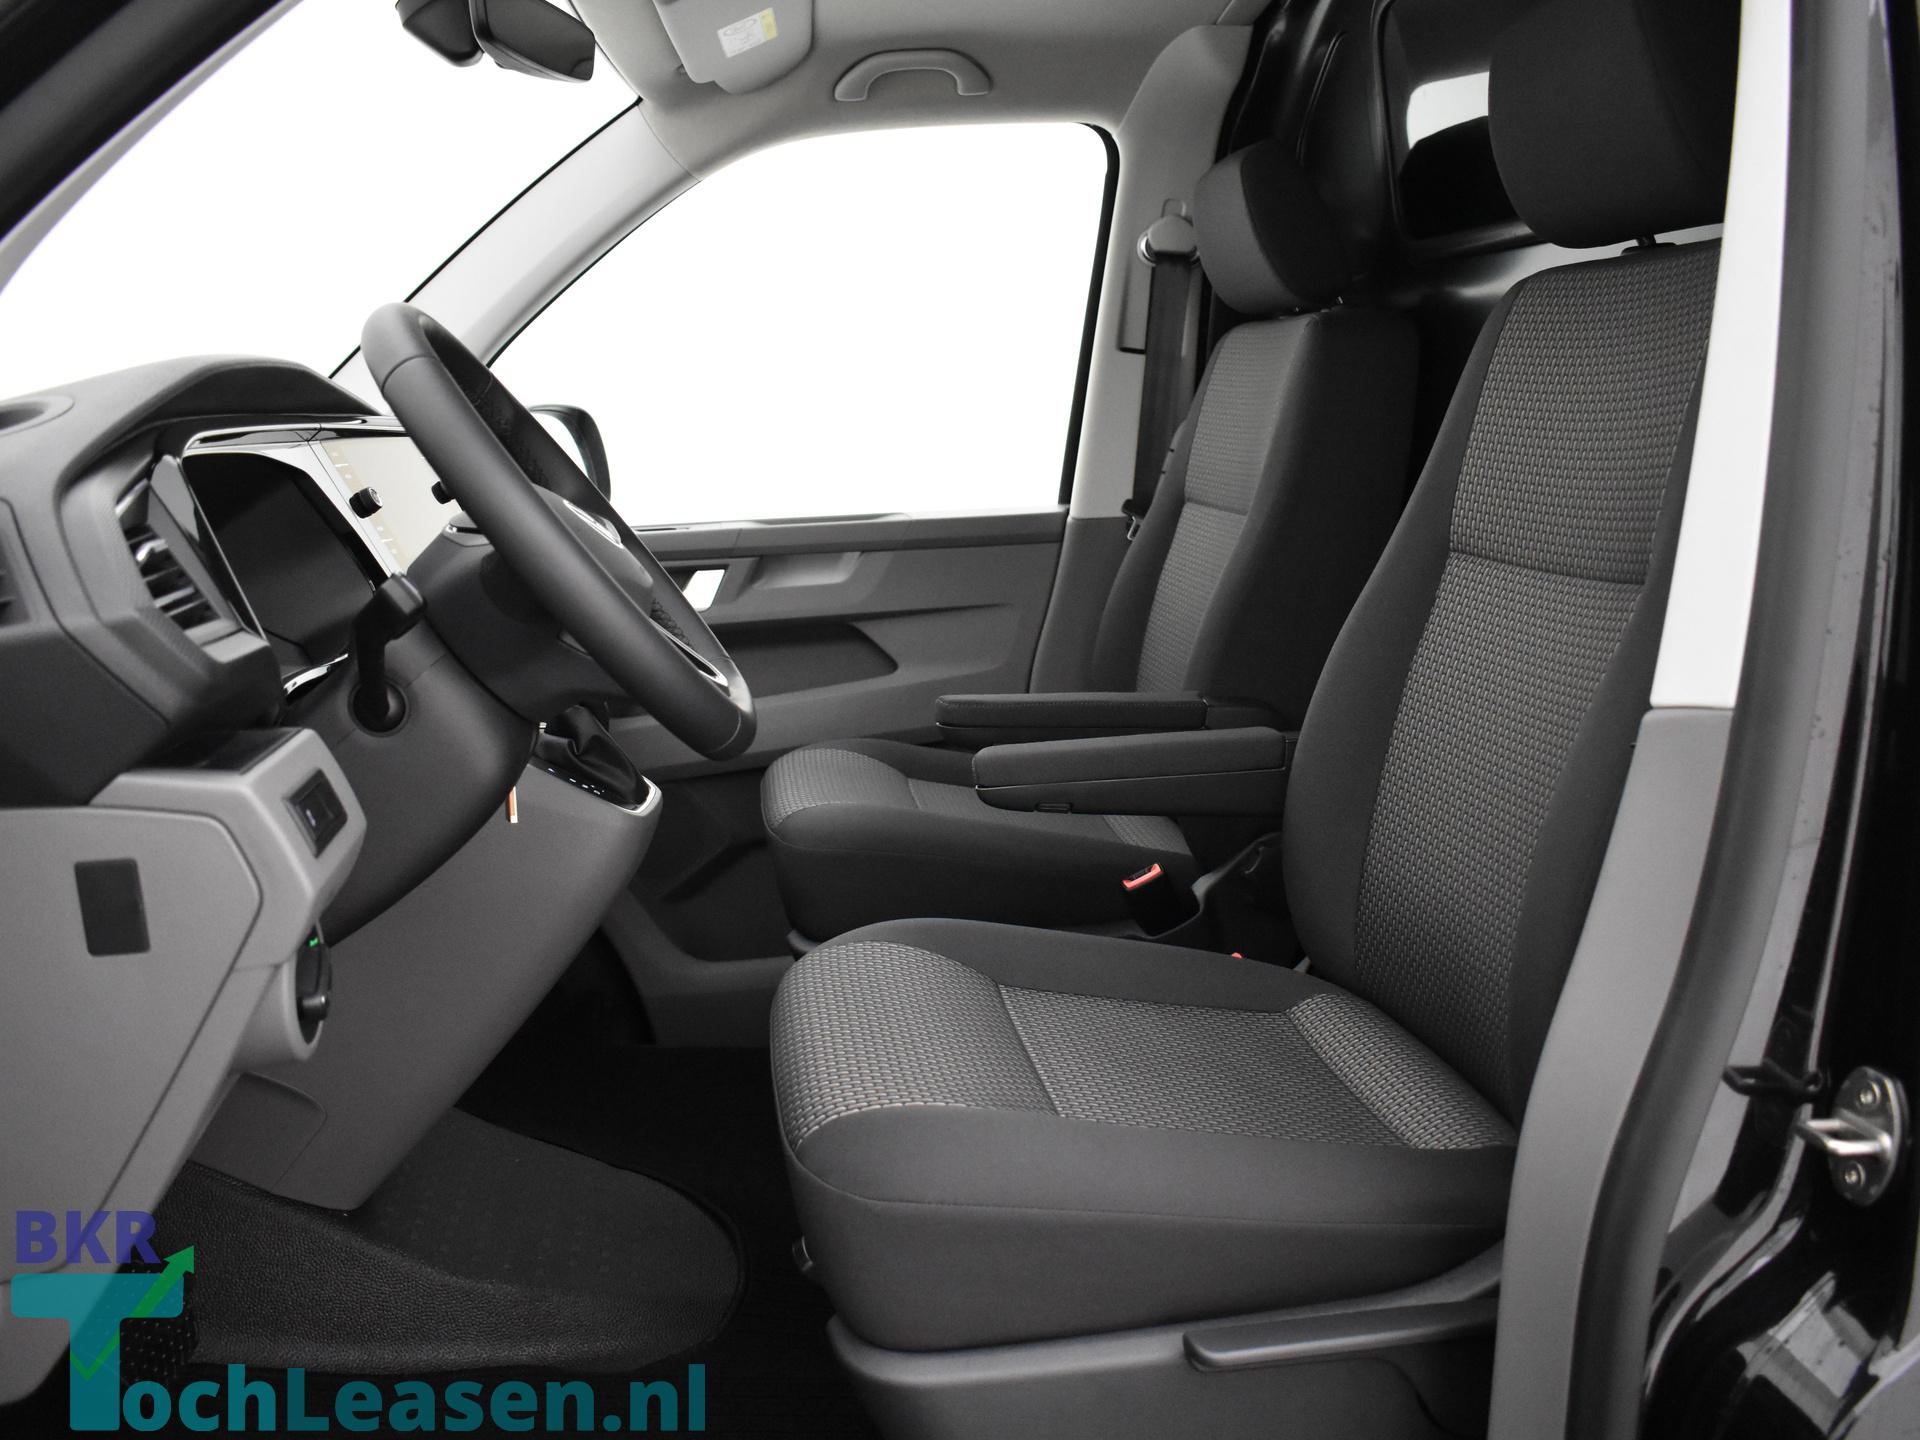 BKR toch leasen Volkswagen Transporter zwart 23